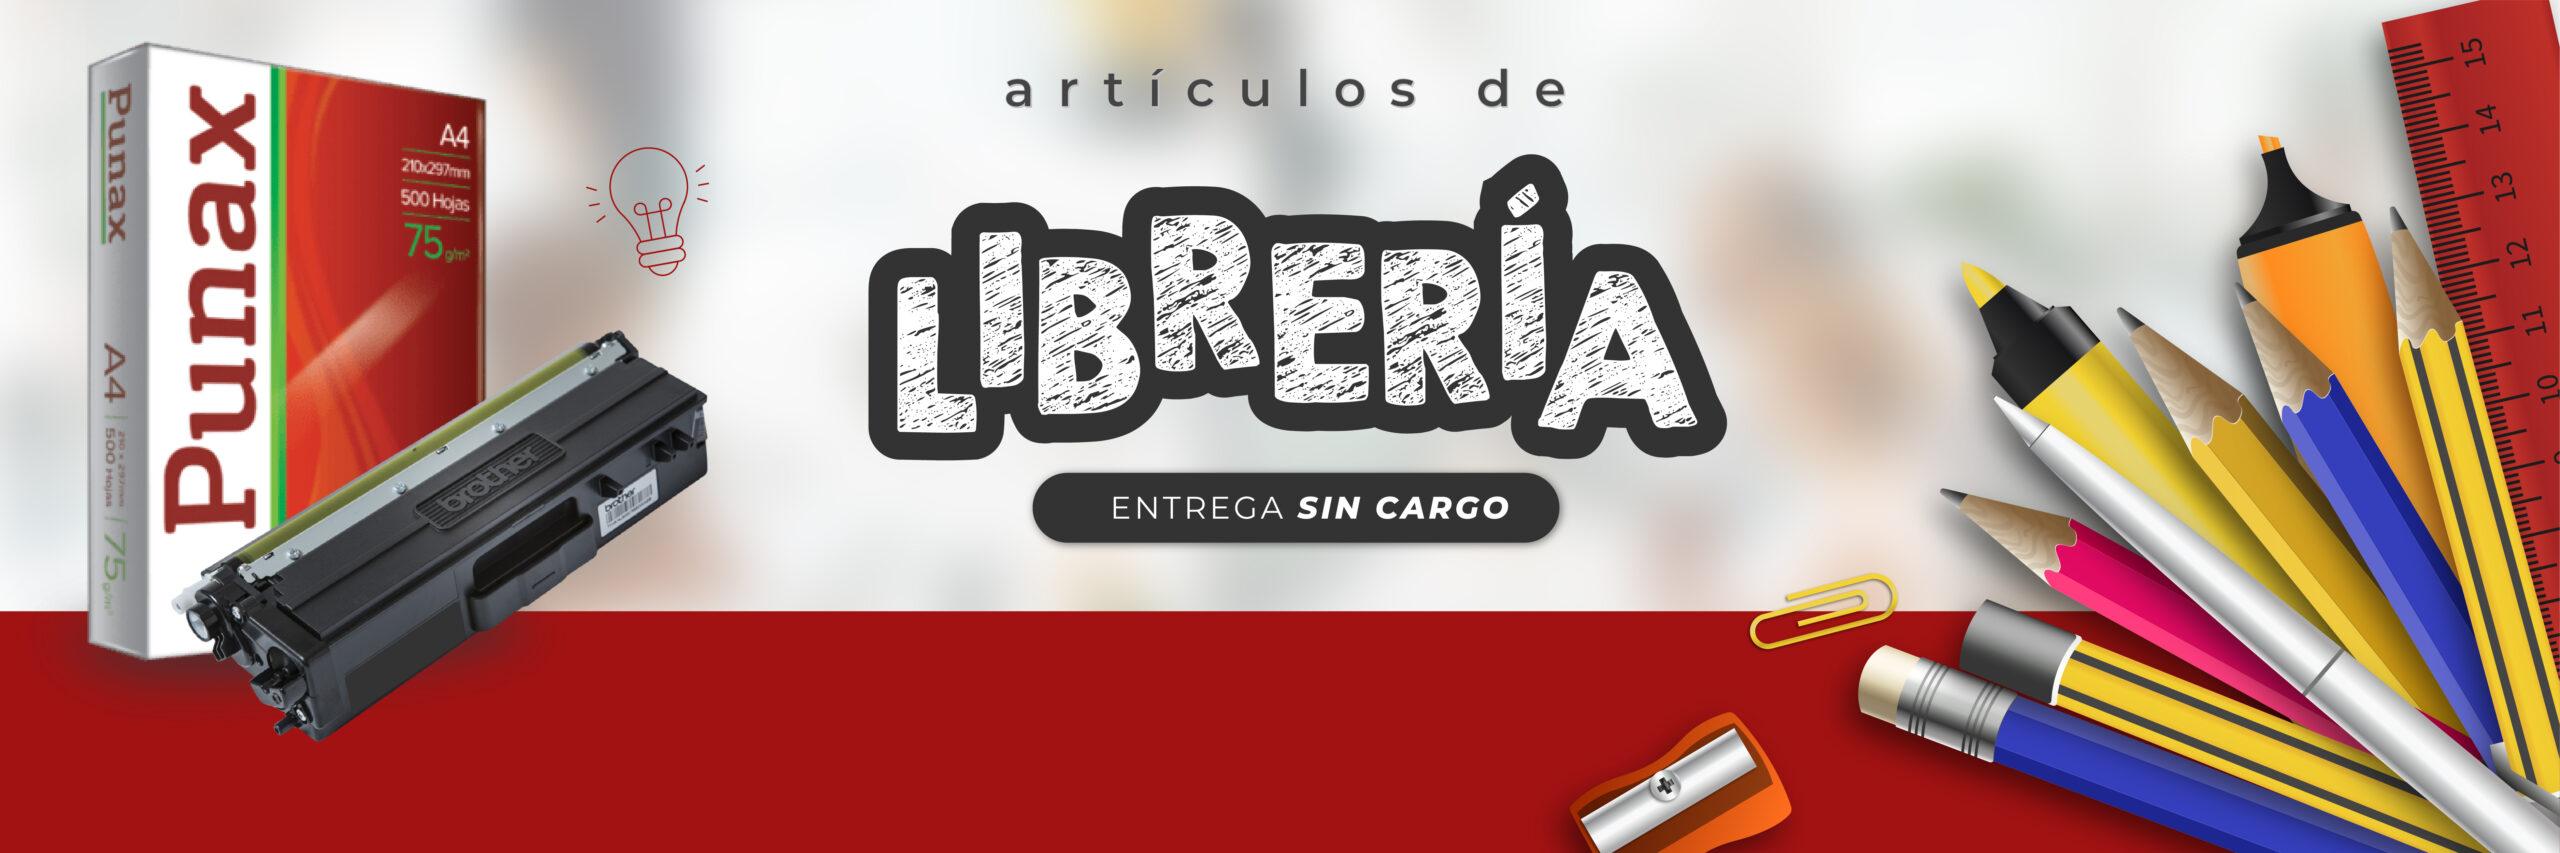 Banner-WEB-ARTÍCULOS-DE-LIBRERÍA-01-scaled